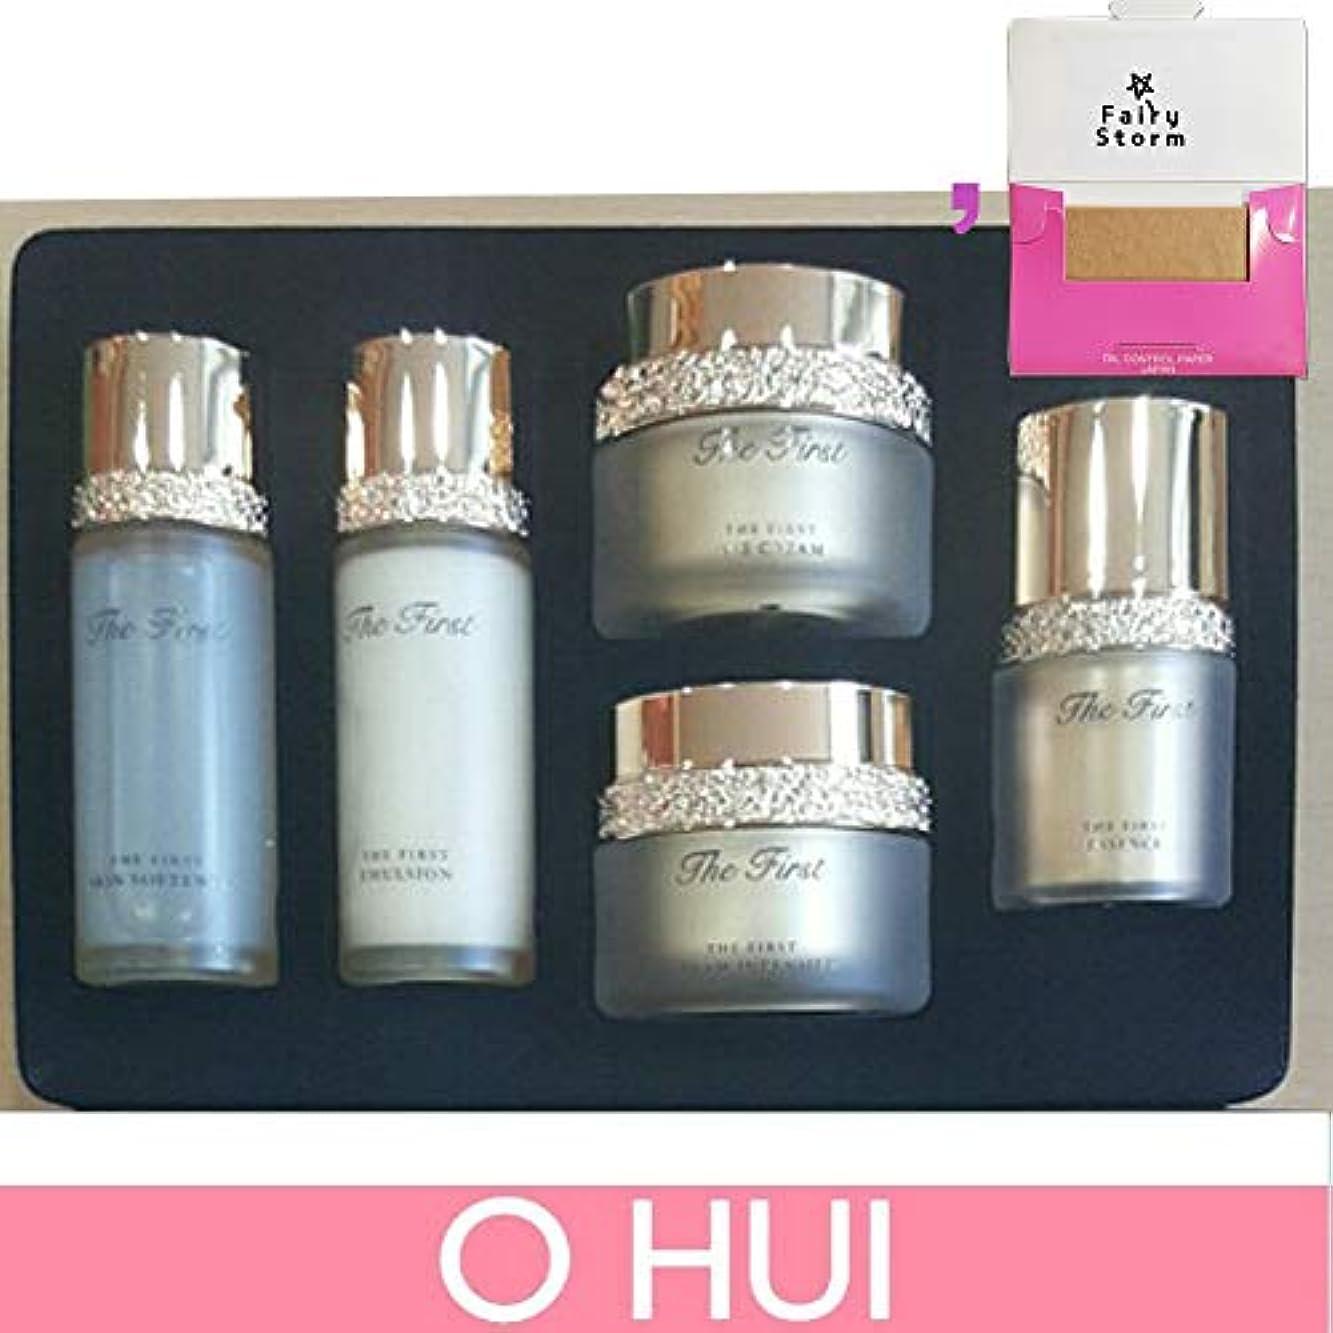 肩をすくめる理容師キャラクター[オフィ/O HUI]韓国化粧品 LG生活健康/OHUI the First Cell Revolution 5pcs Special Kit Set + [Sample Gift](海外直送品)